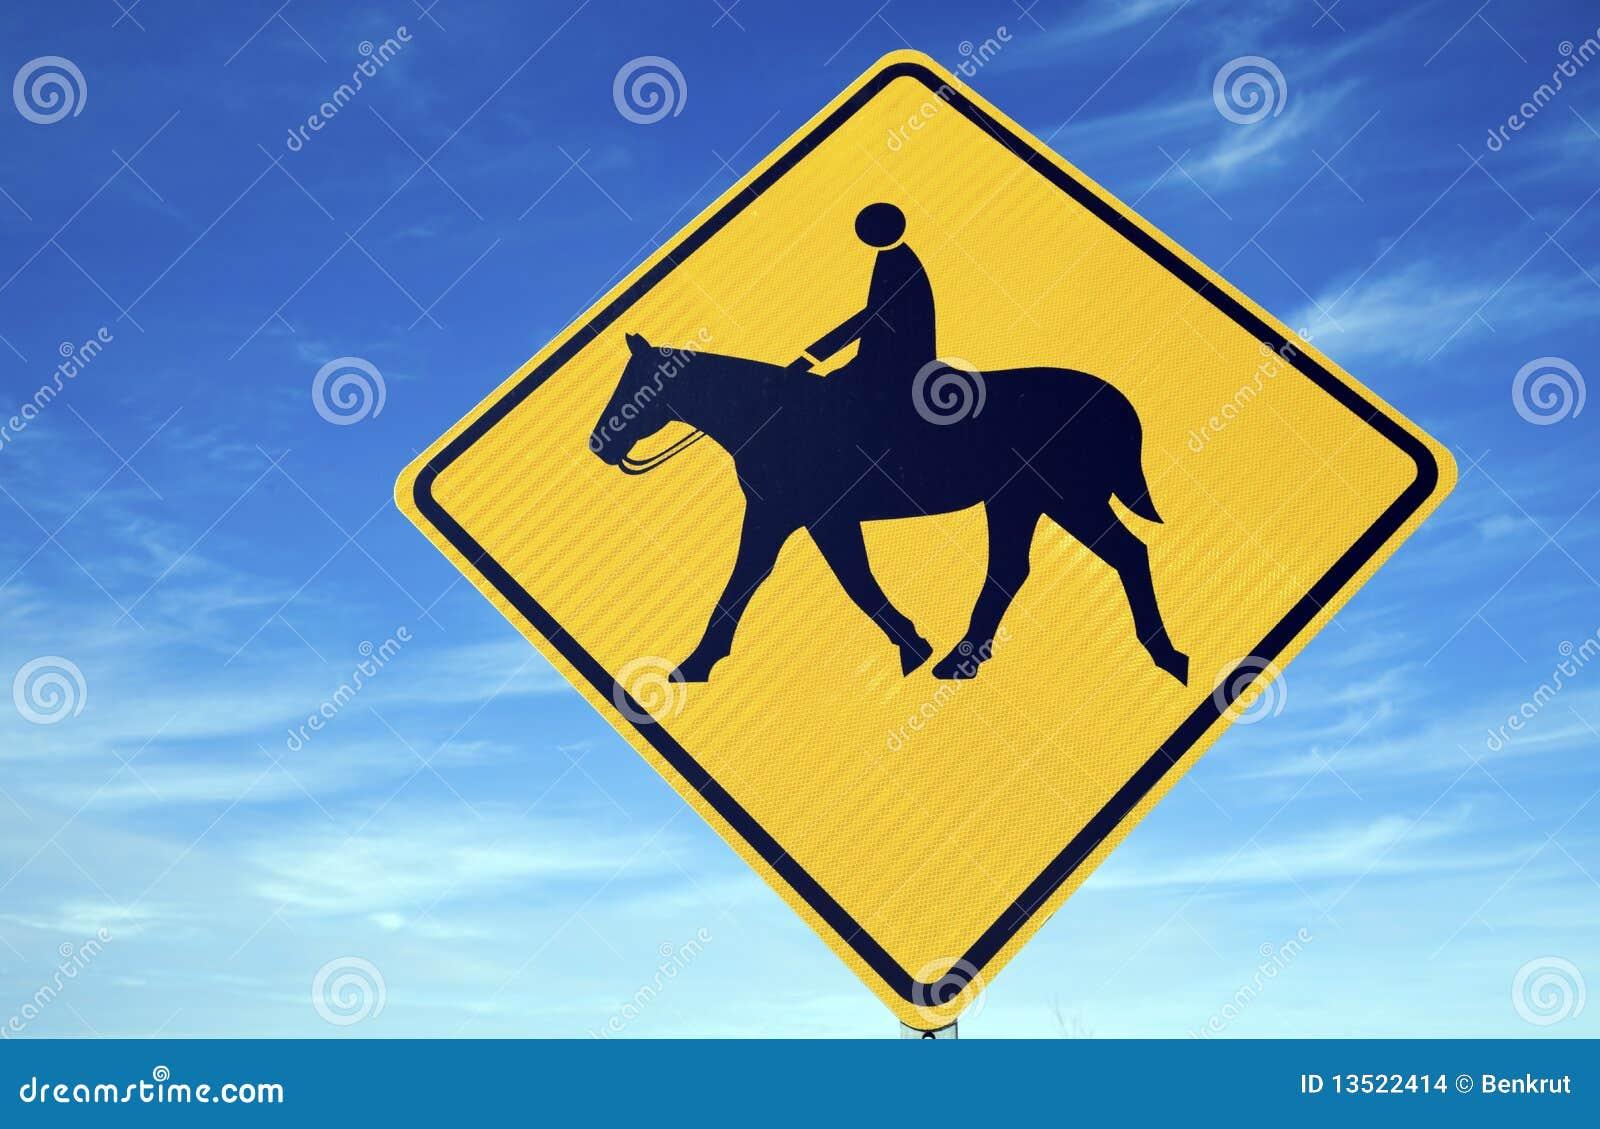 horseback riding sign stock images image 13522414